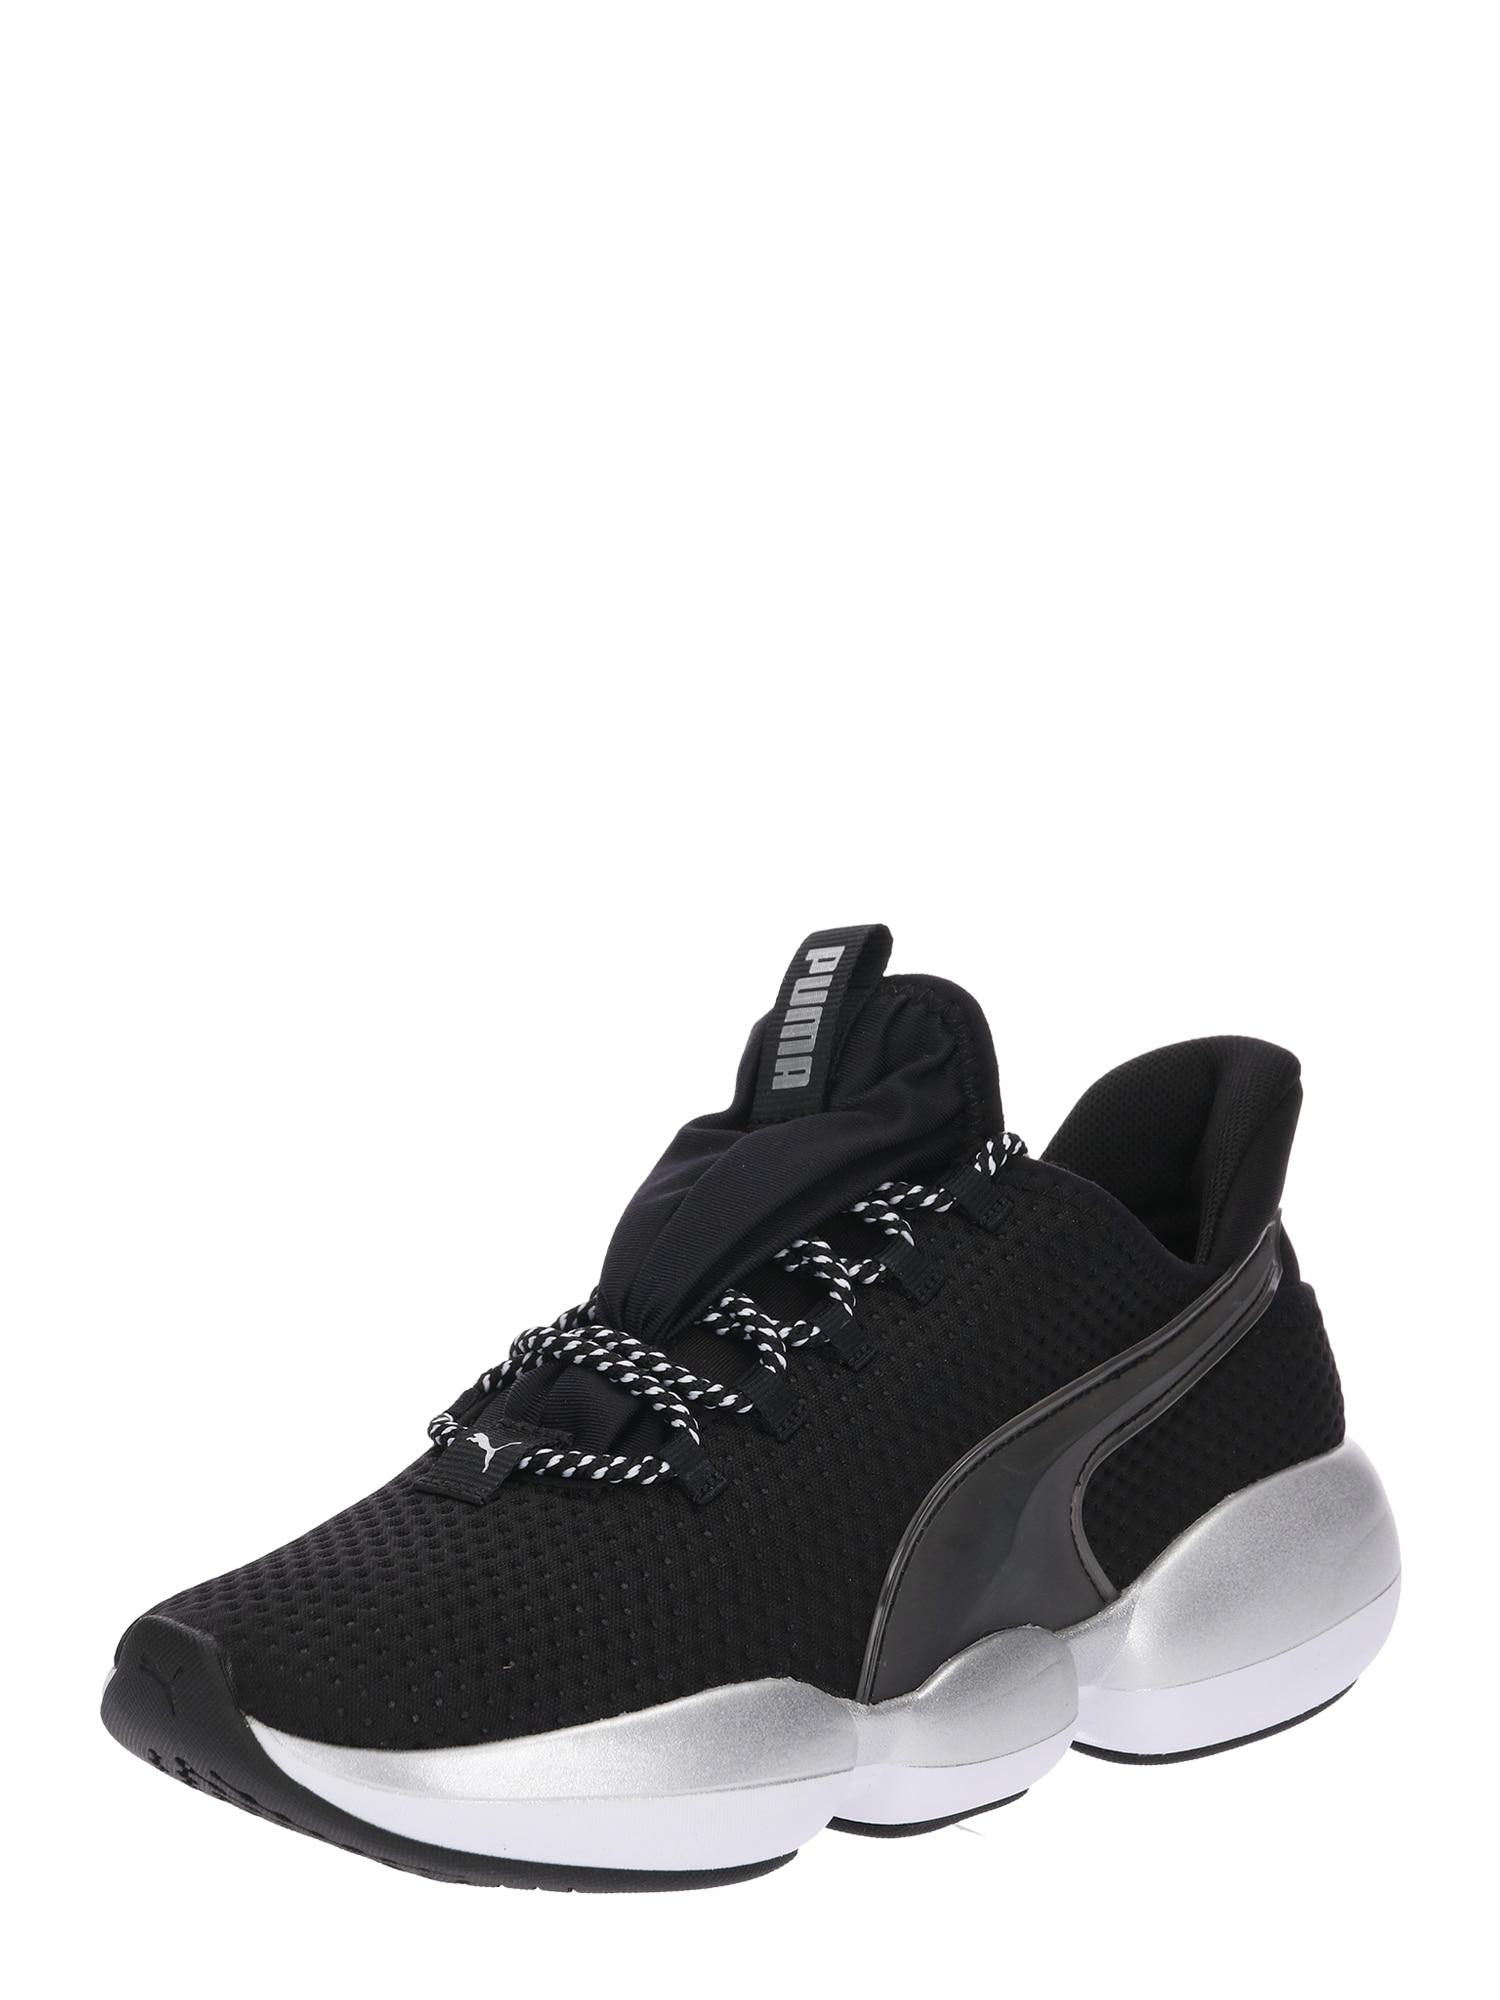 Sportovní boty Mode XT černá bílá PUMA